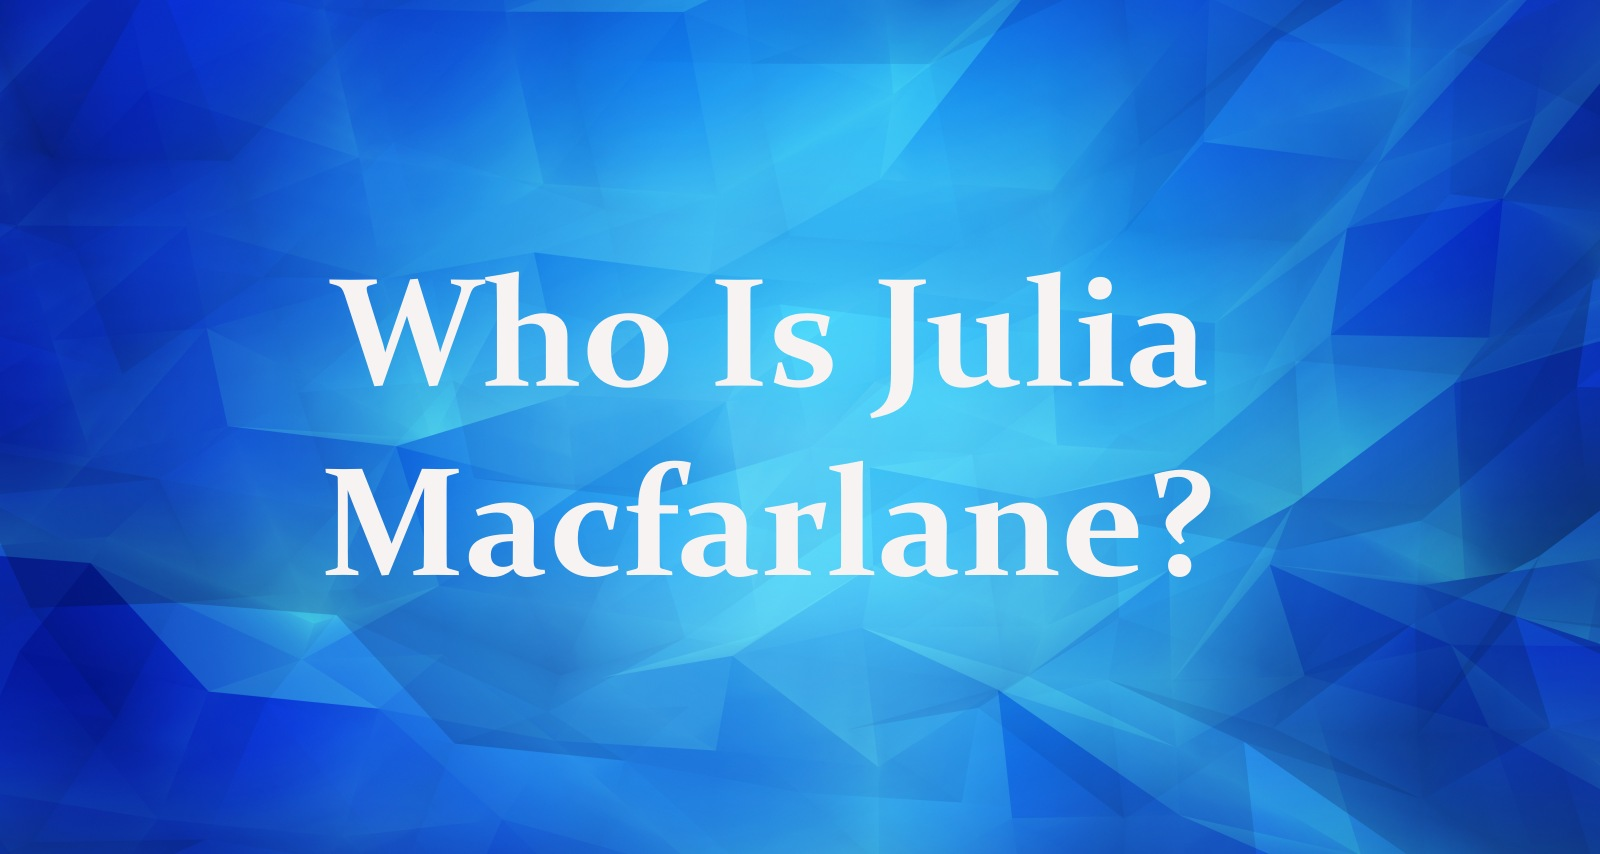 Who Is Julia Macfarlane